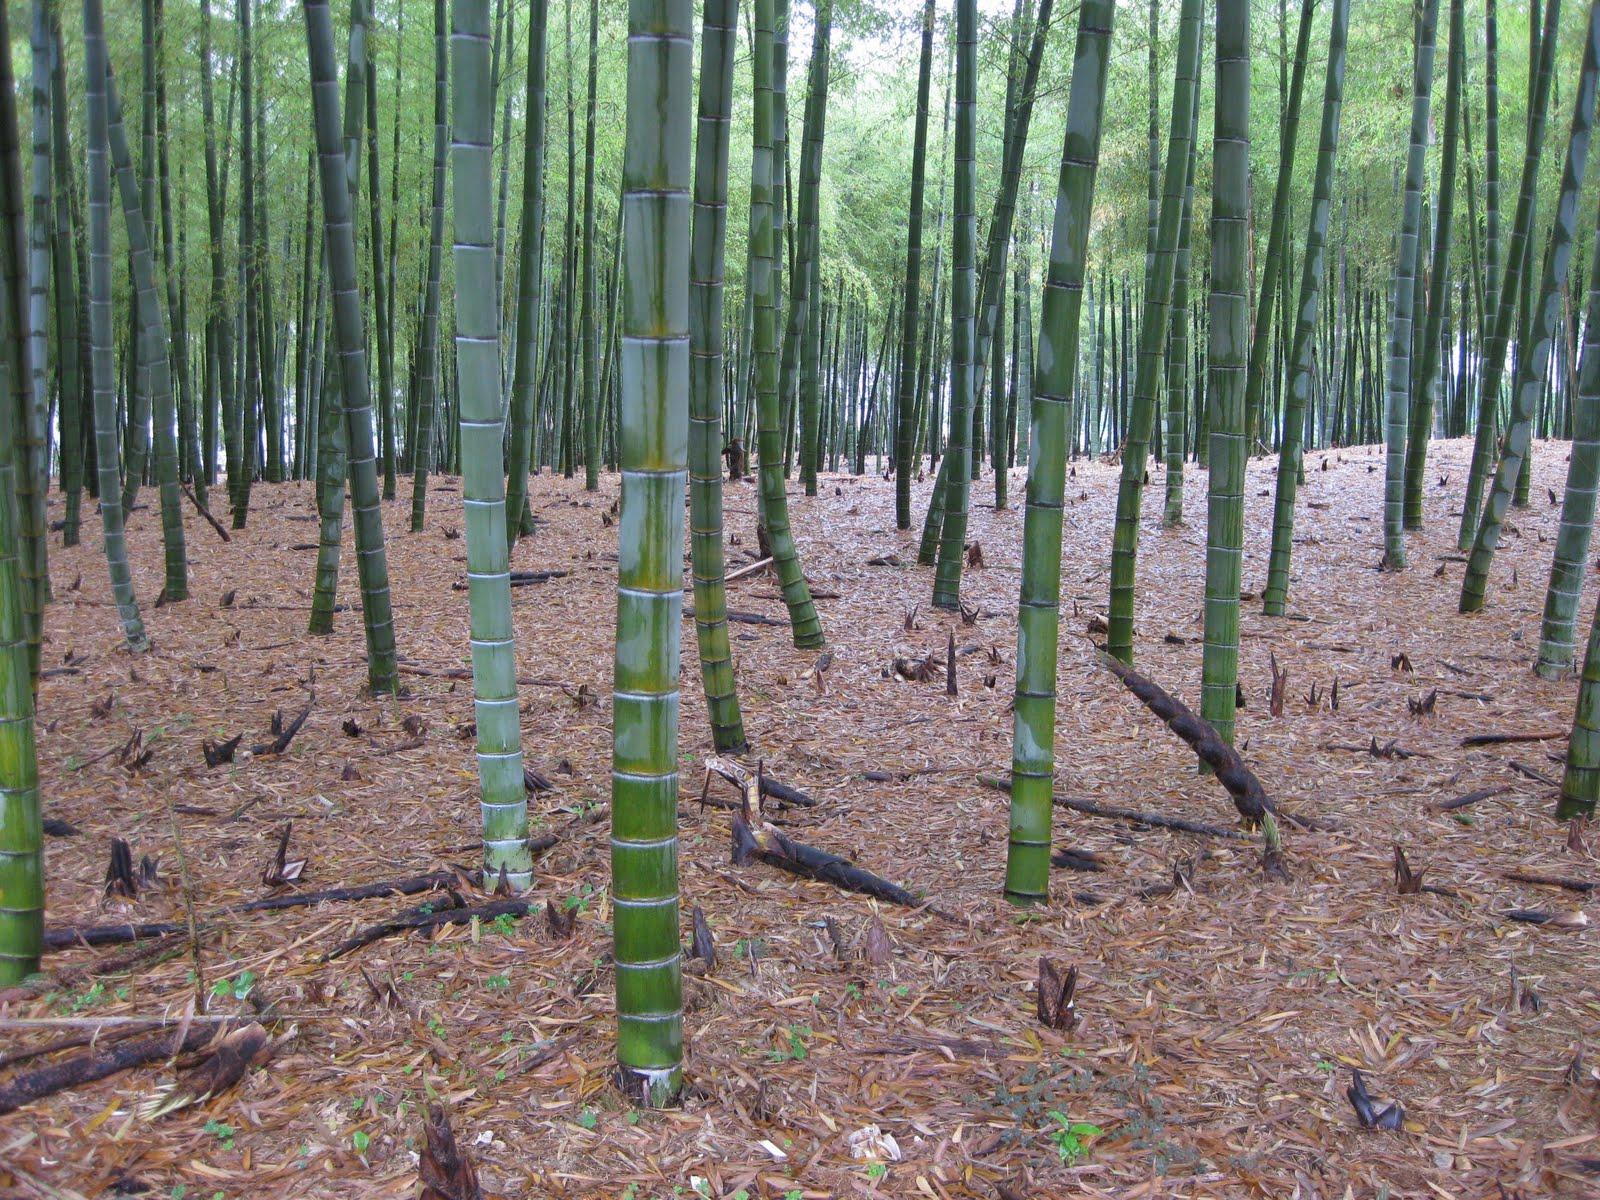 Bamb la coltivazione le zilli cibo vino blog magazine for Pianta bambu prezzo